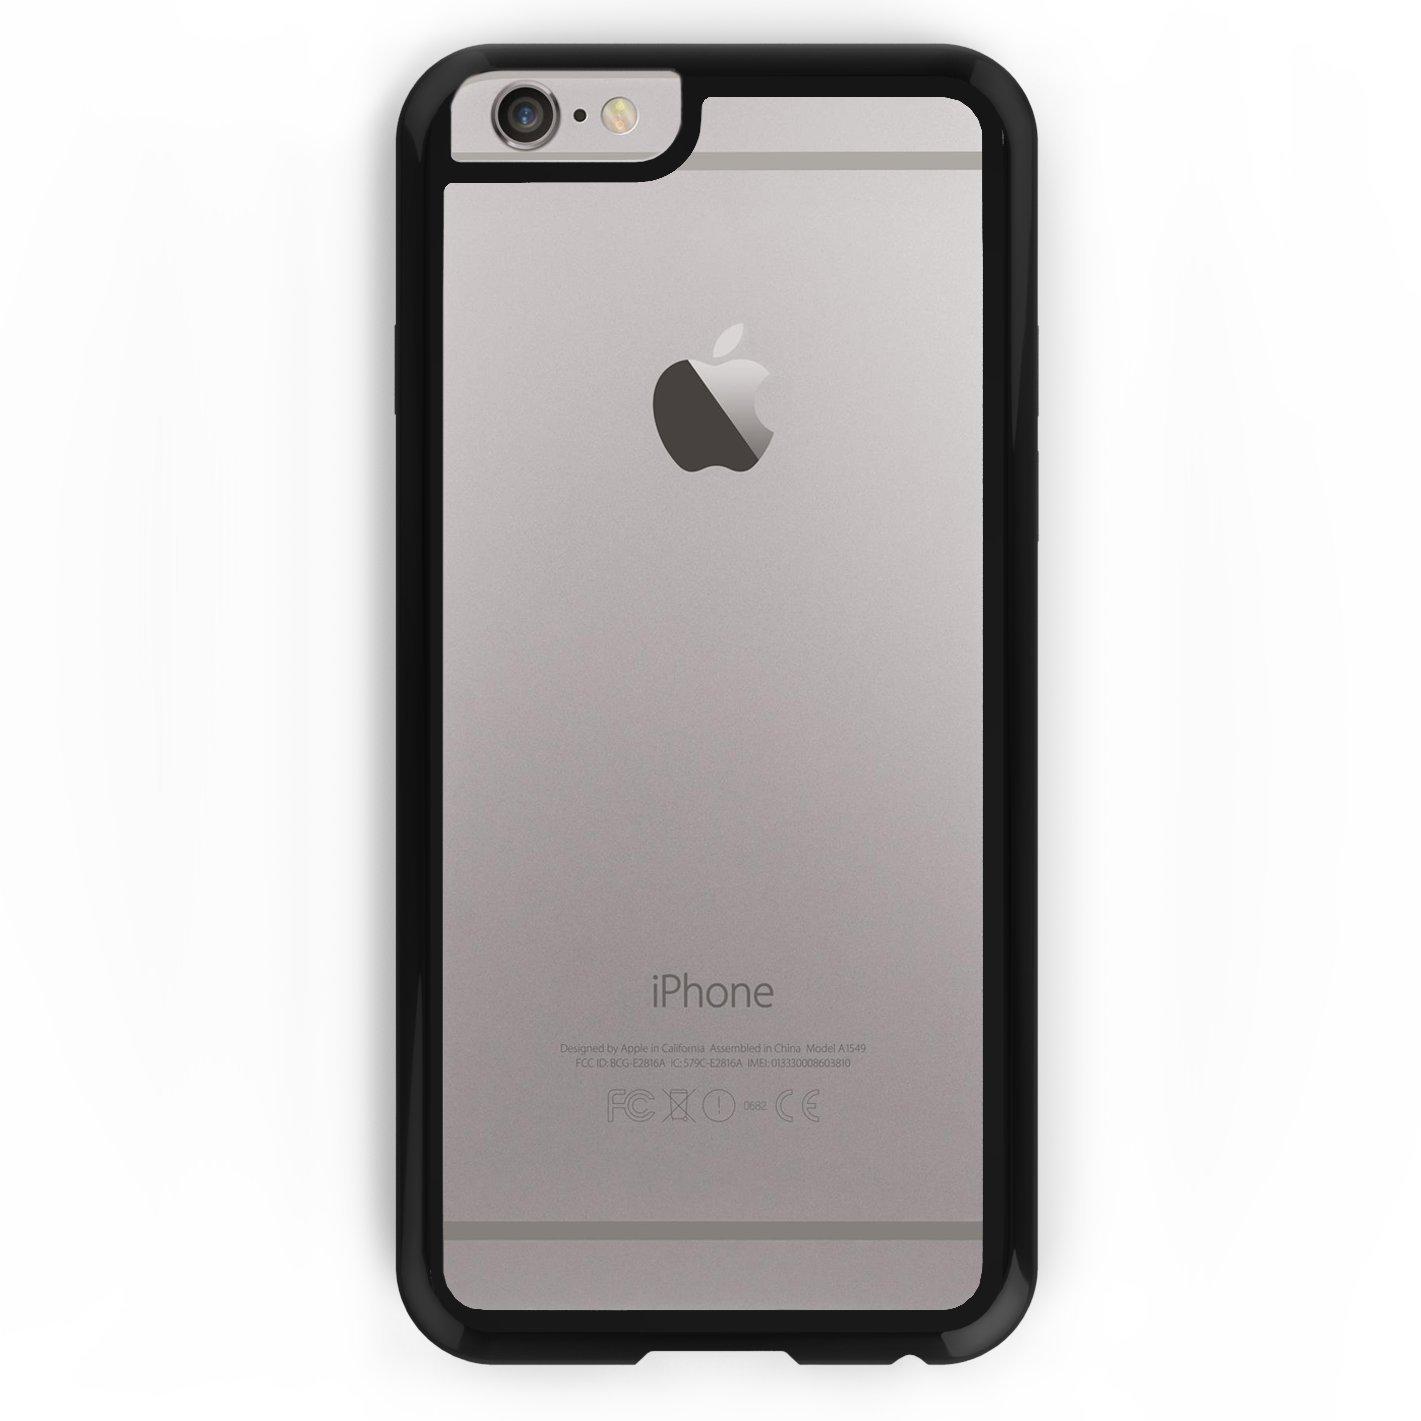 KHOMO® Funda iPhone 6 y 6S Negra Híbrida Carcasa Transparente Anti-Arañazos con Bumper Negro Protector Antichoque para el nuevo Apple iPhone 6 / 6S ...